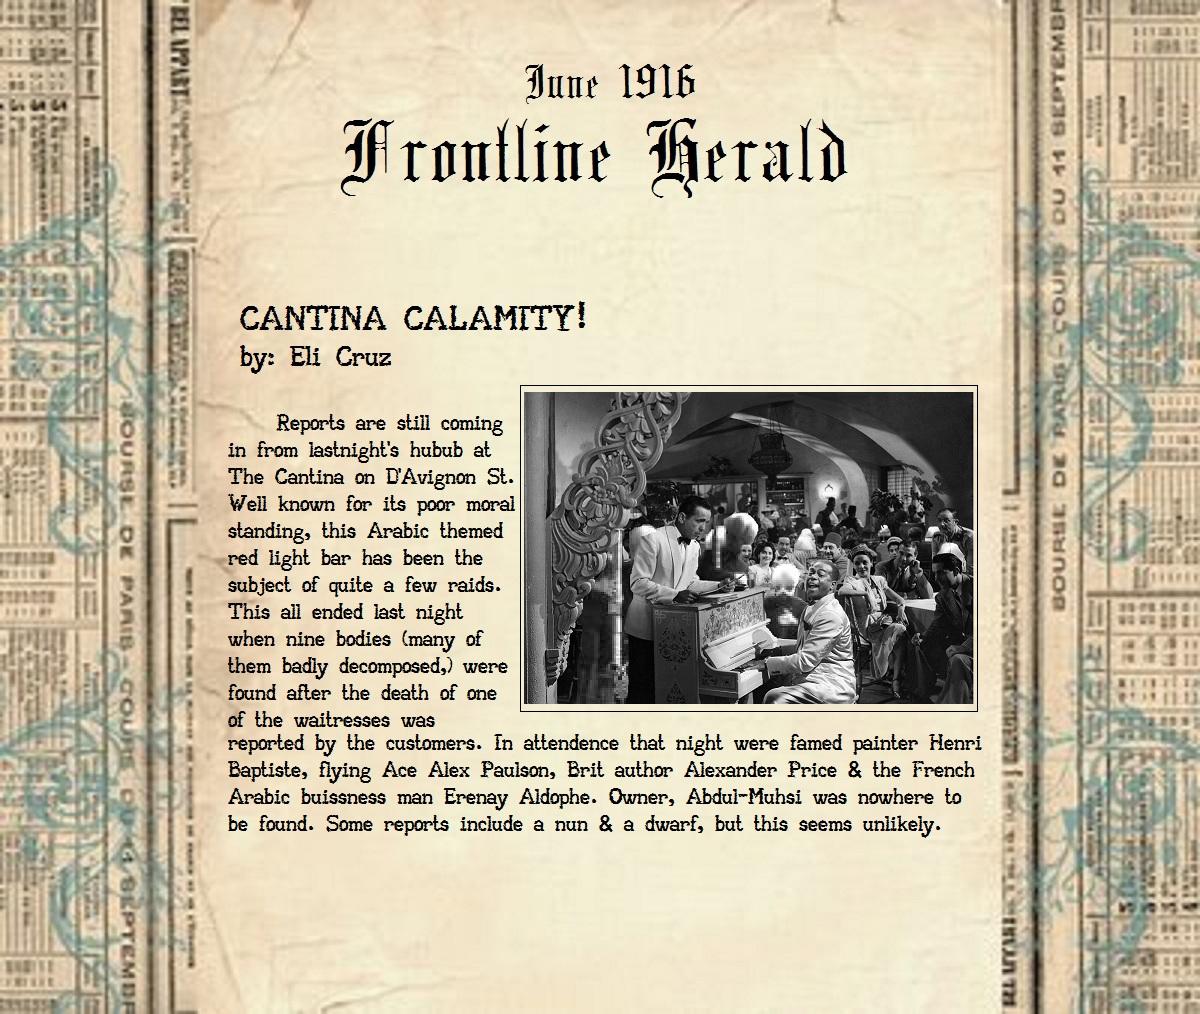 Cantina calamity